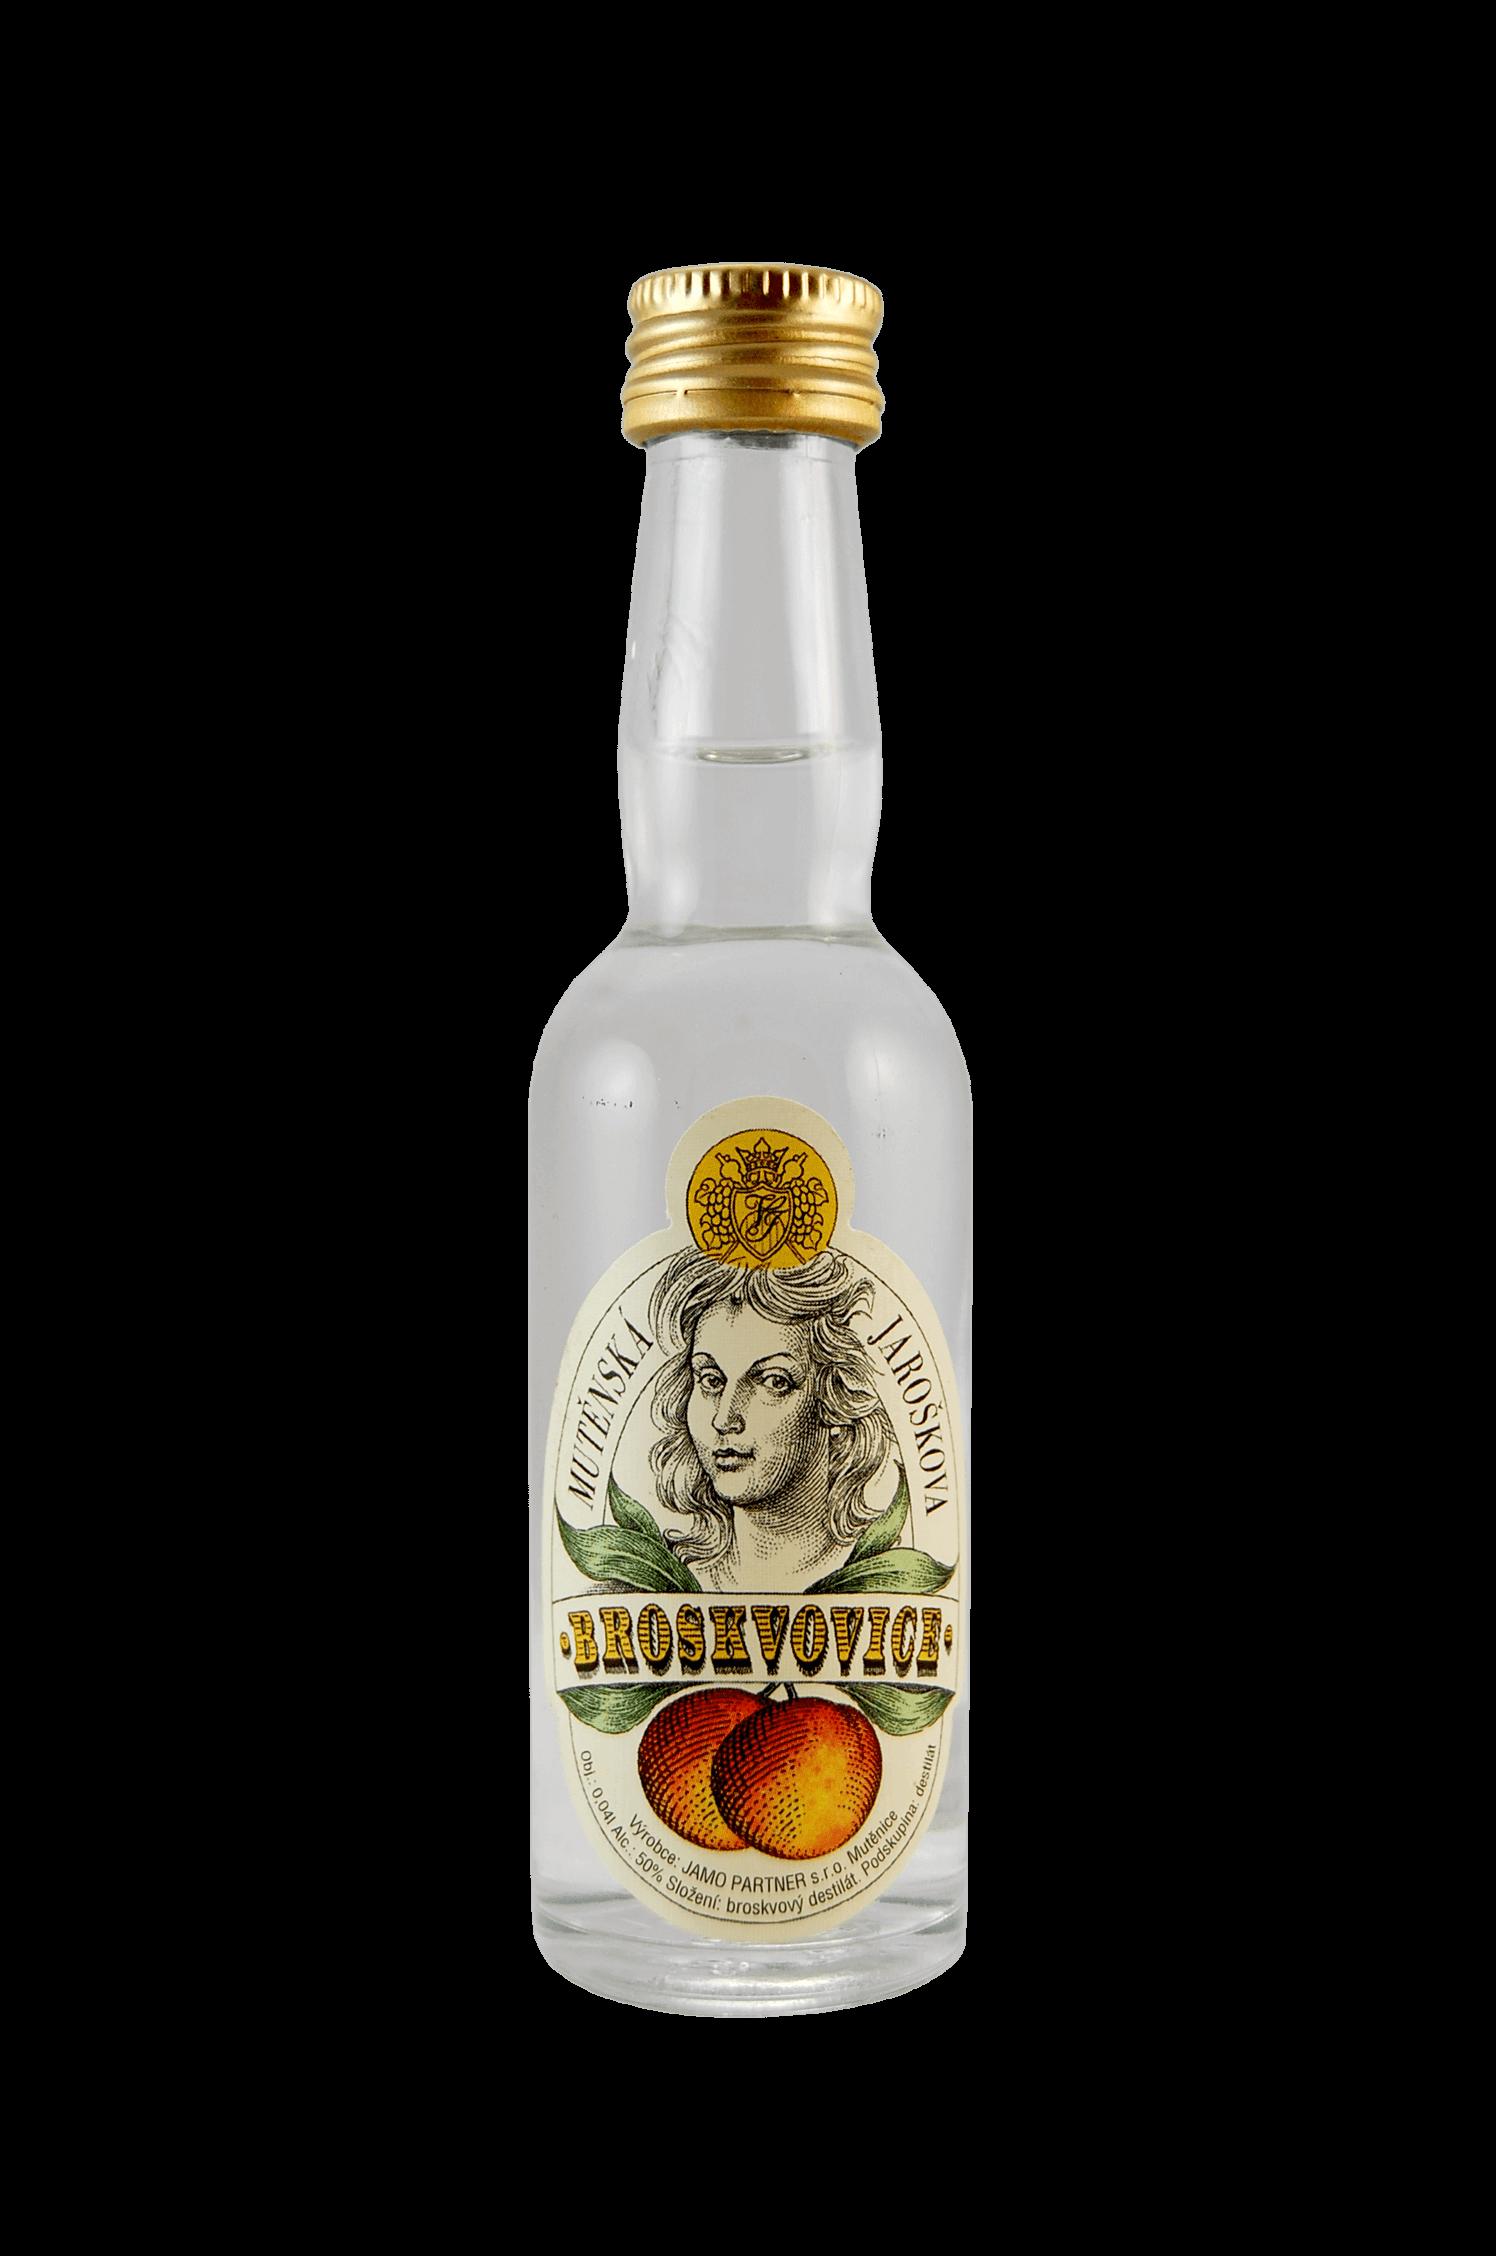 Mutěnská Broskvovice